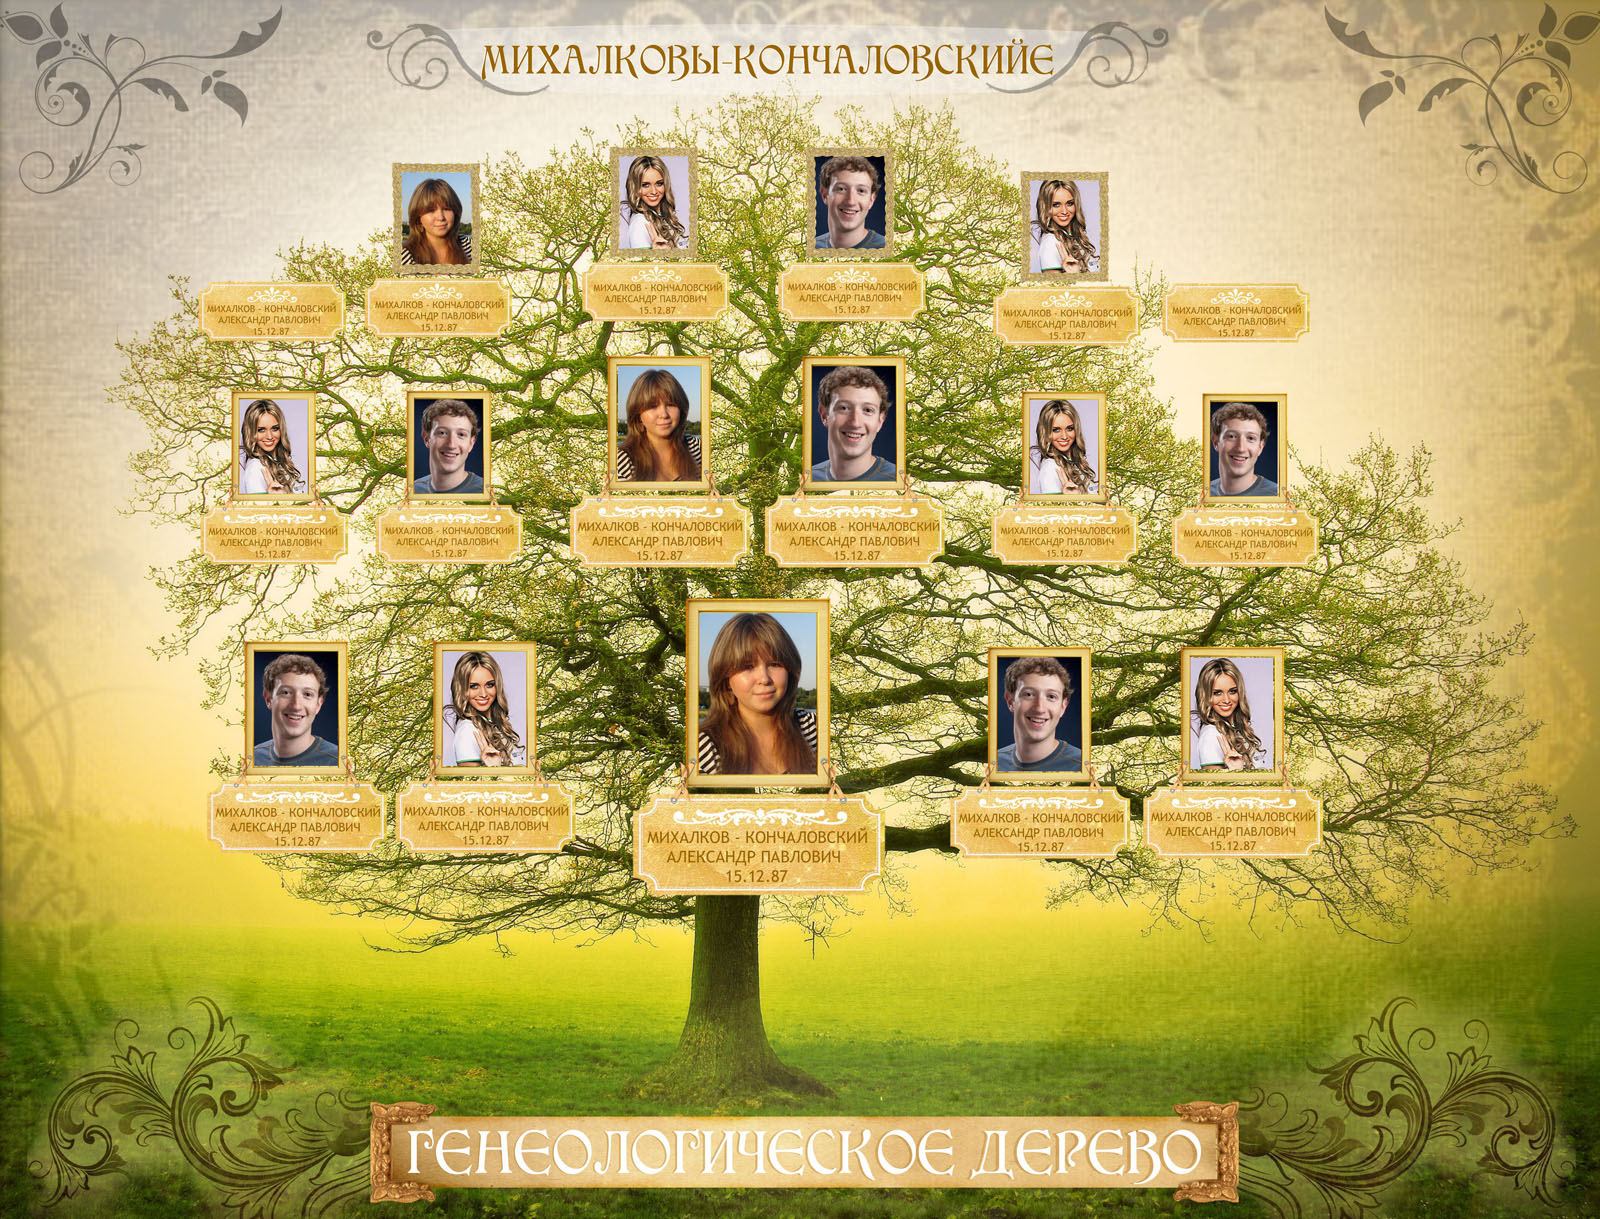 фото генеалогическое дерево